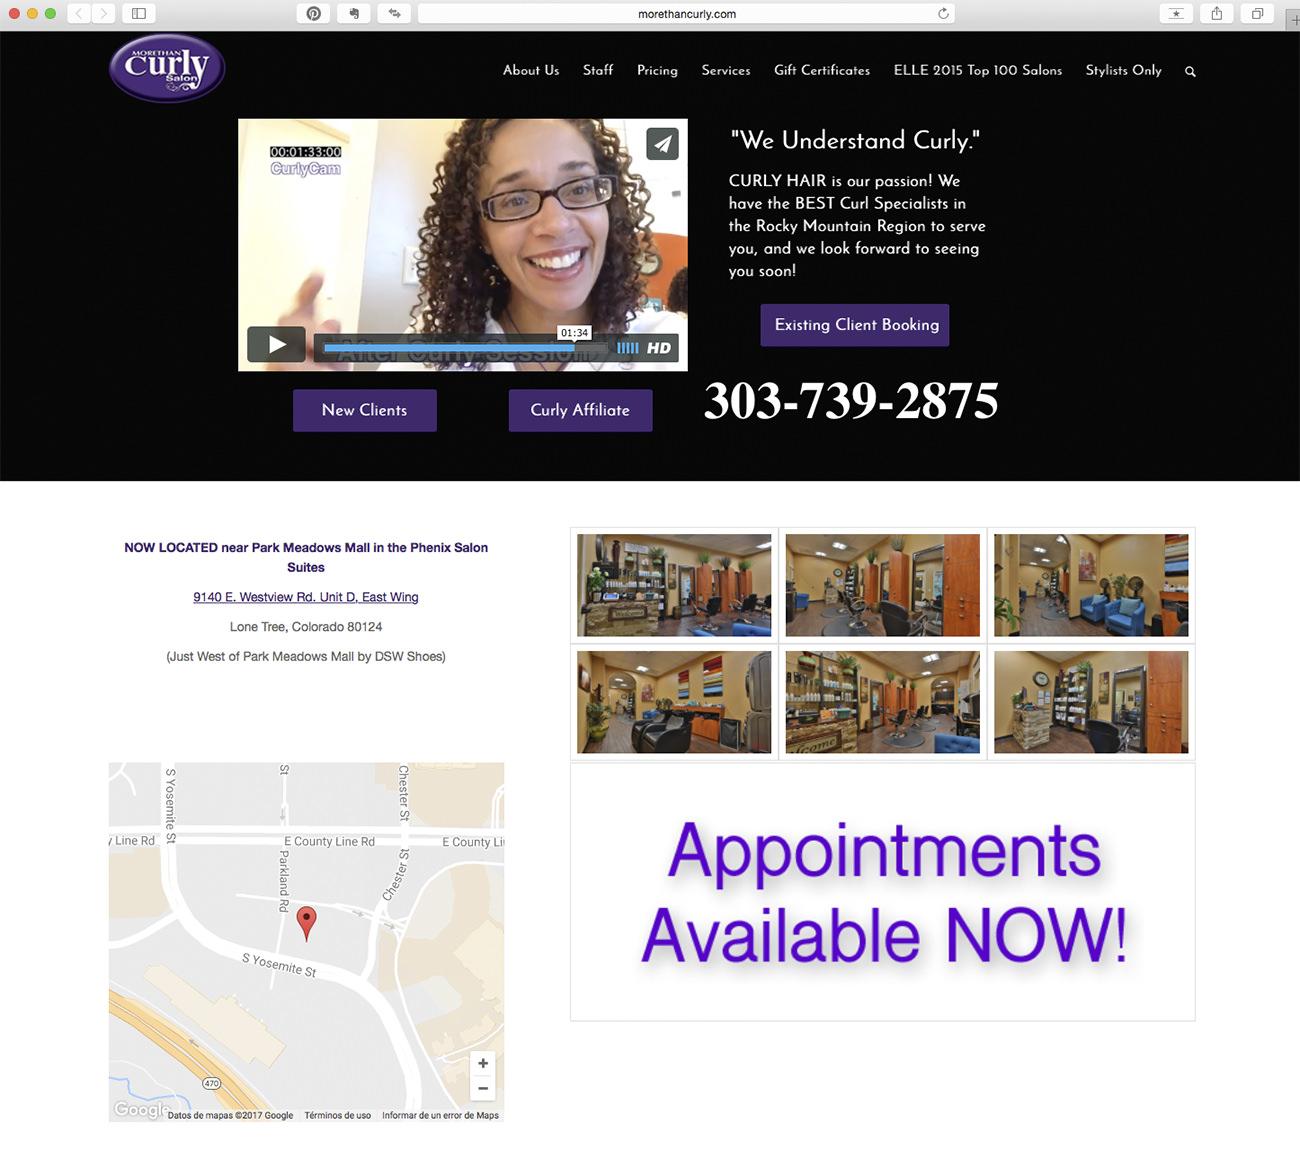 Marketing para peluquerías. Ejemplo More than curly salon.